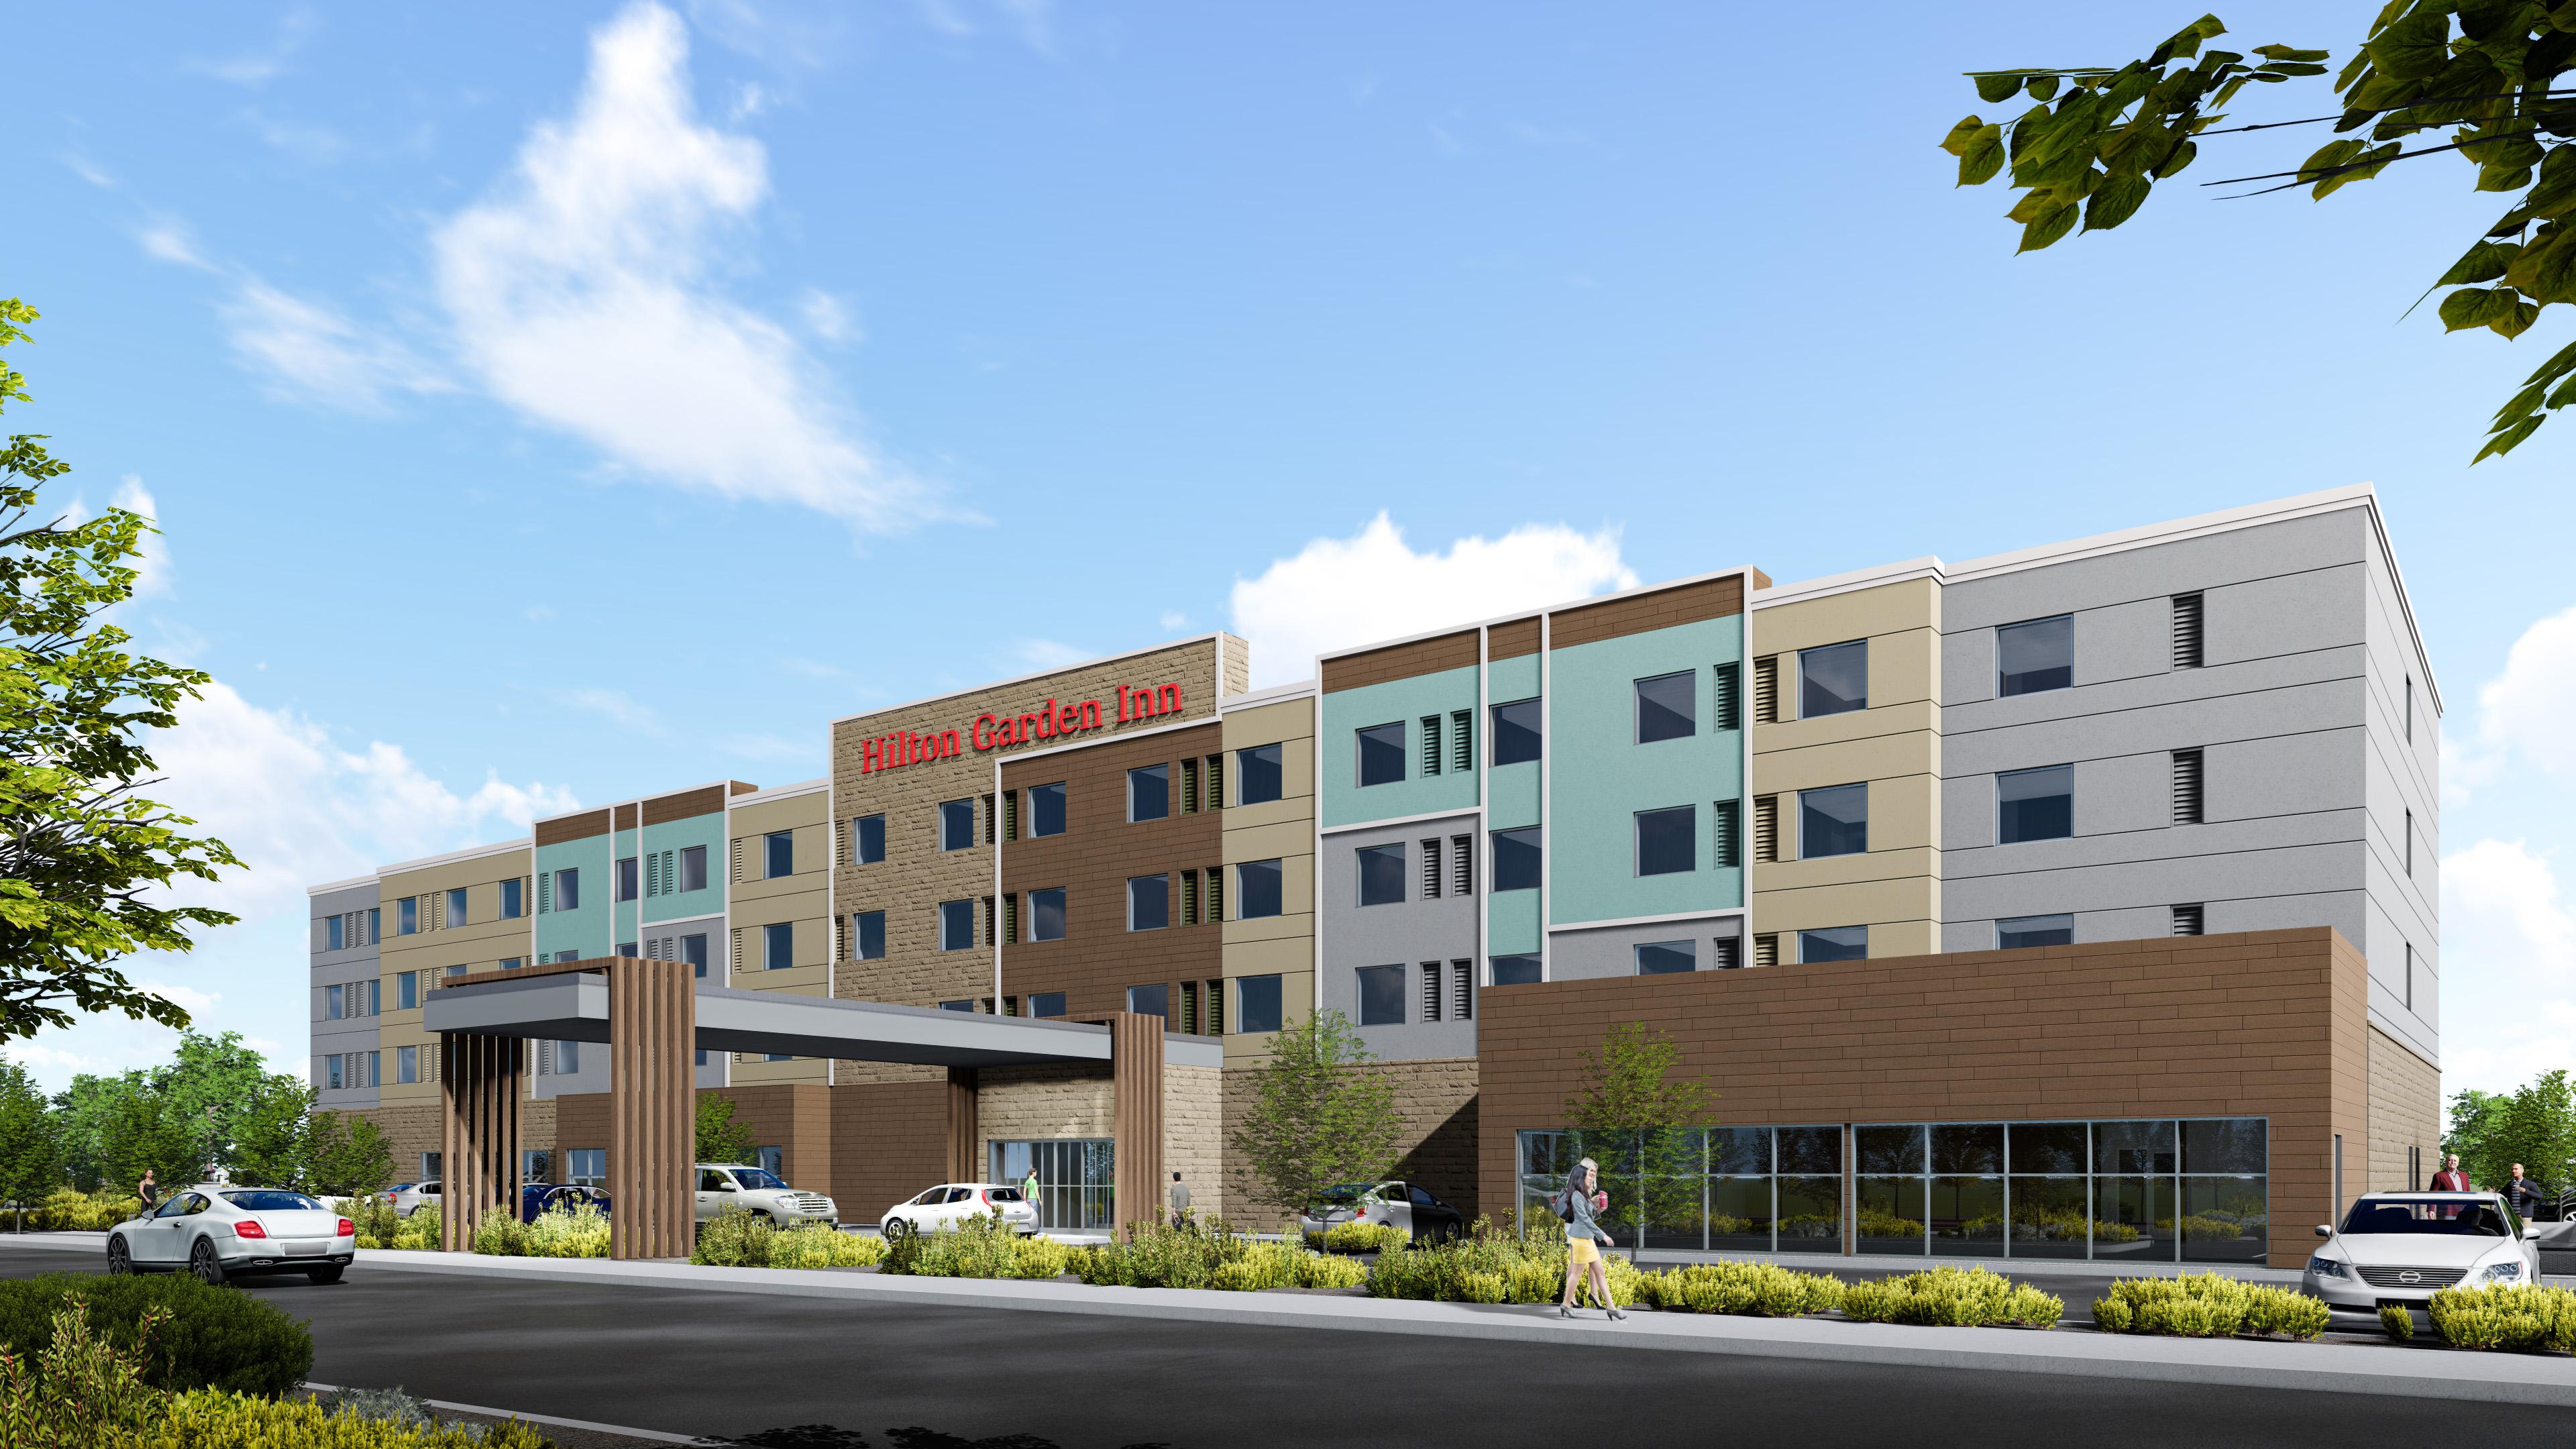 Hilton Garden Inn rendering